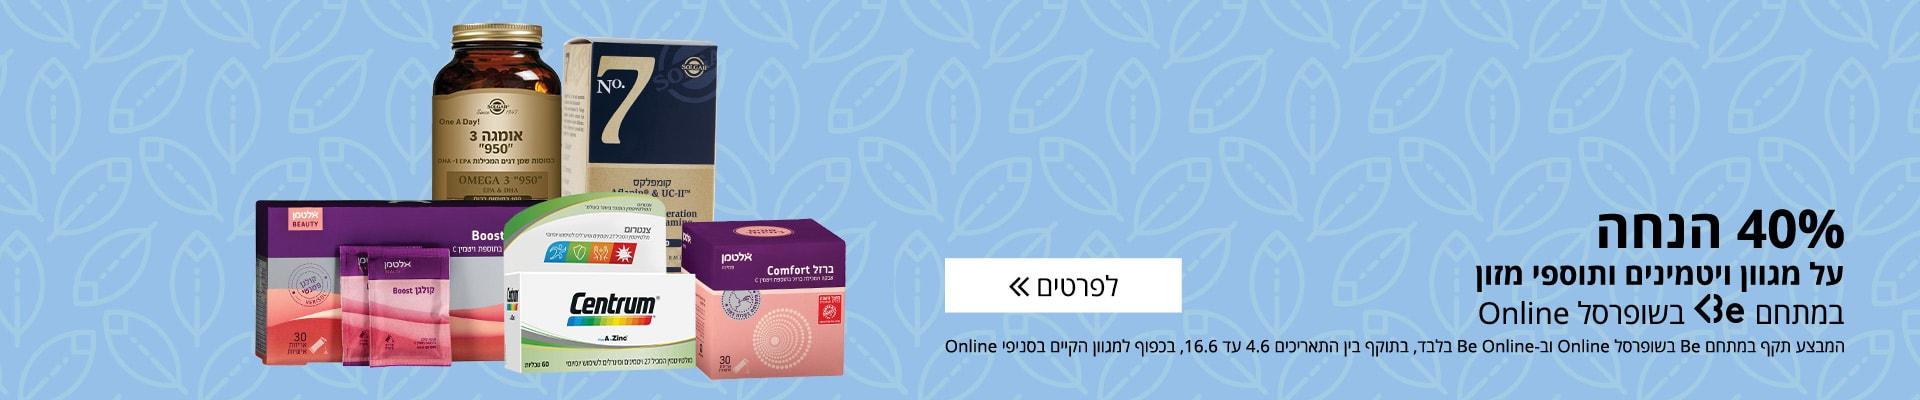 102493_be_banner_c1_1920x400_v2.jpg